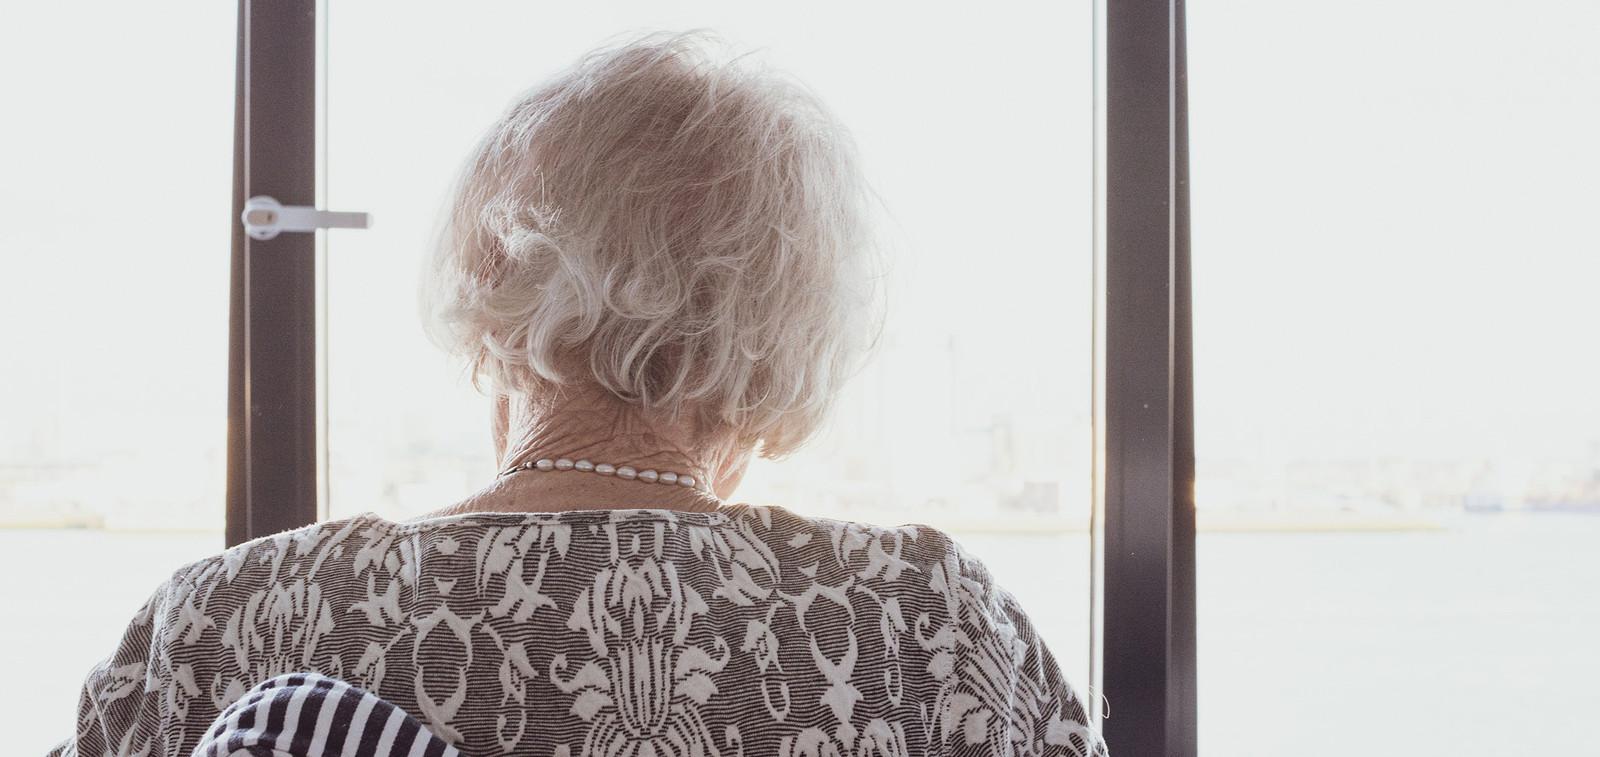 Mummo on selin ja katsoo ikkunasta ulos.